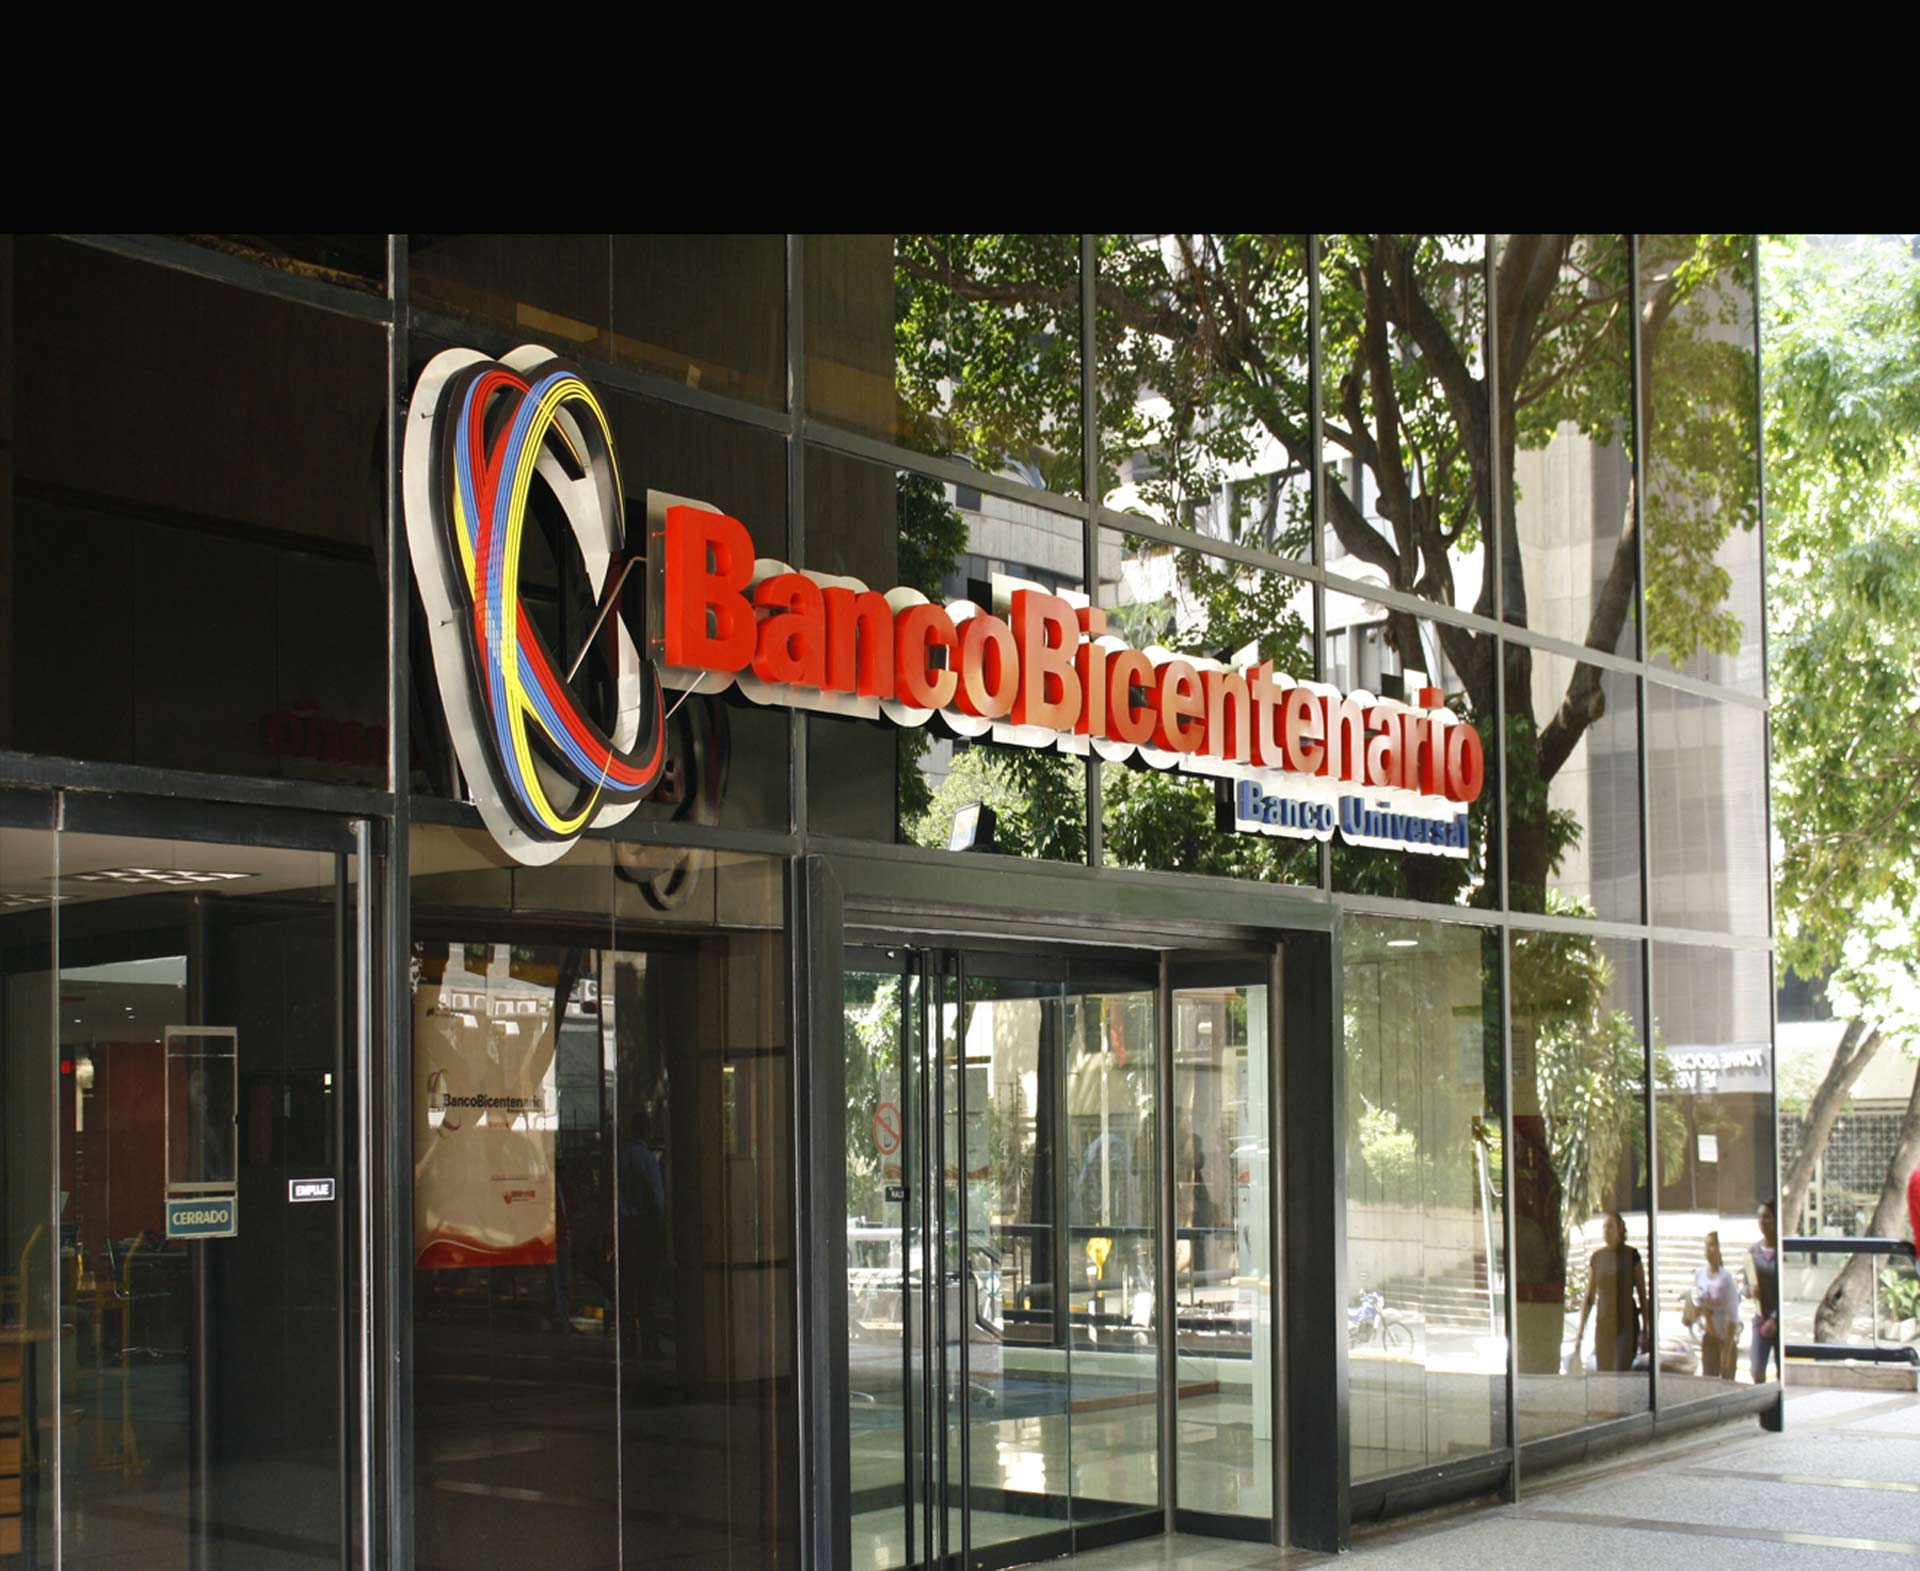 El gerente de seguridad del banco Bicentenario detectó varias irregularidades por parte de dos investigadores regionales